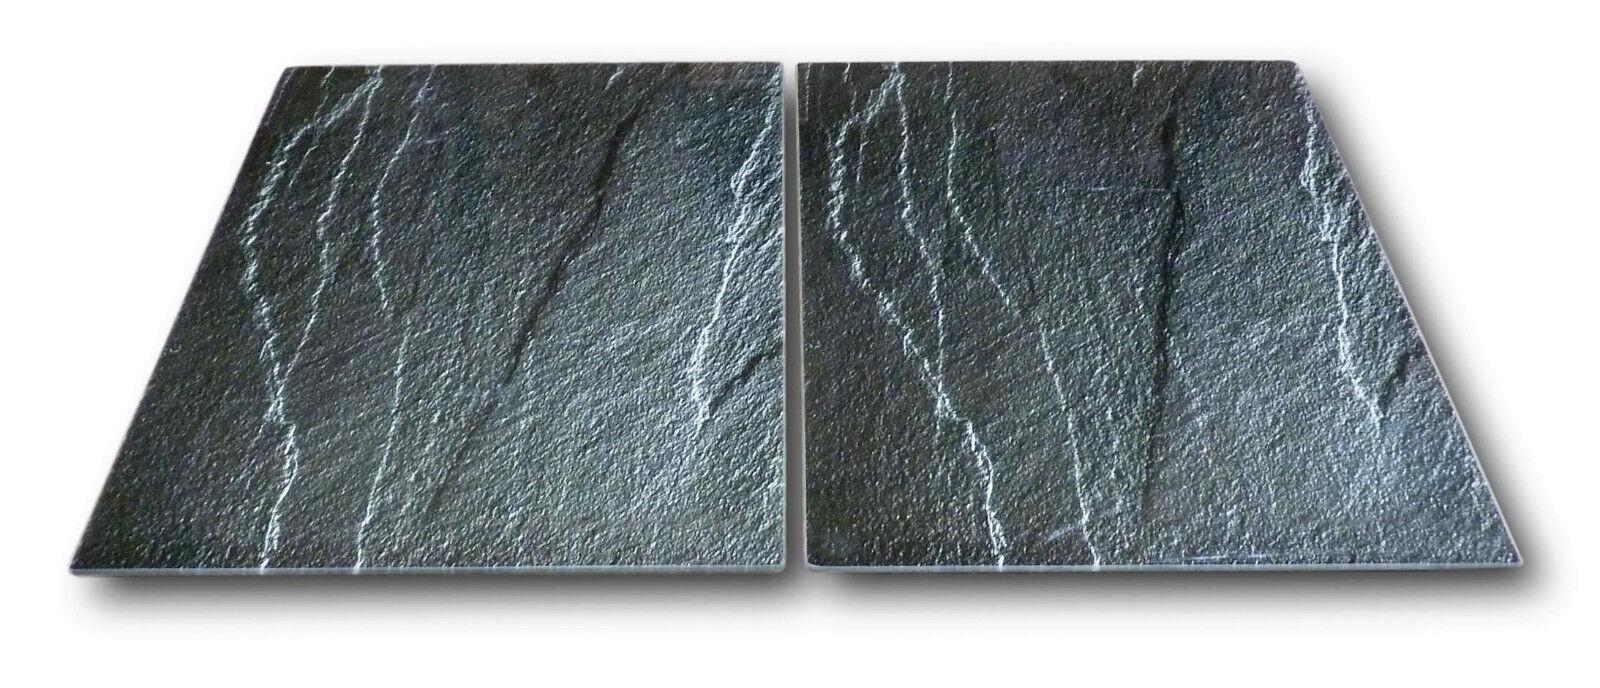 Glas Herd-Abdeckplatte Herd Abdeckung für 80cm Ceranfeld Kochfeld Motiv Schiefer